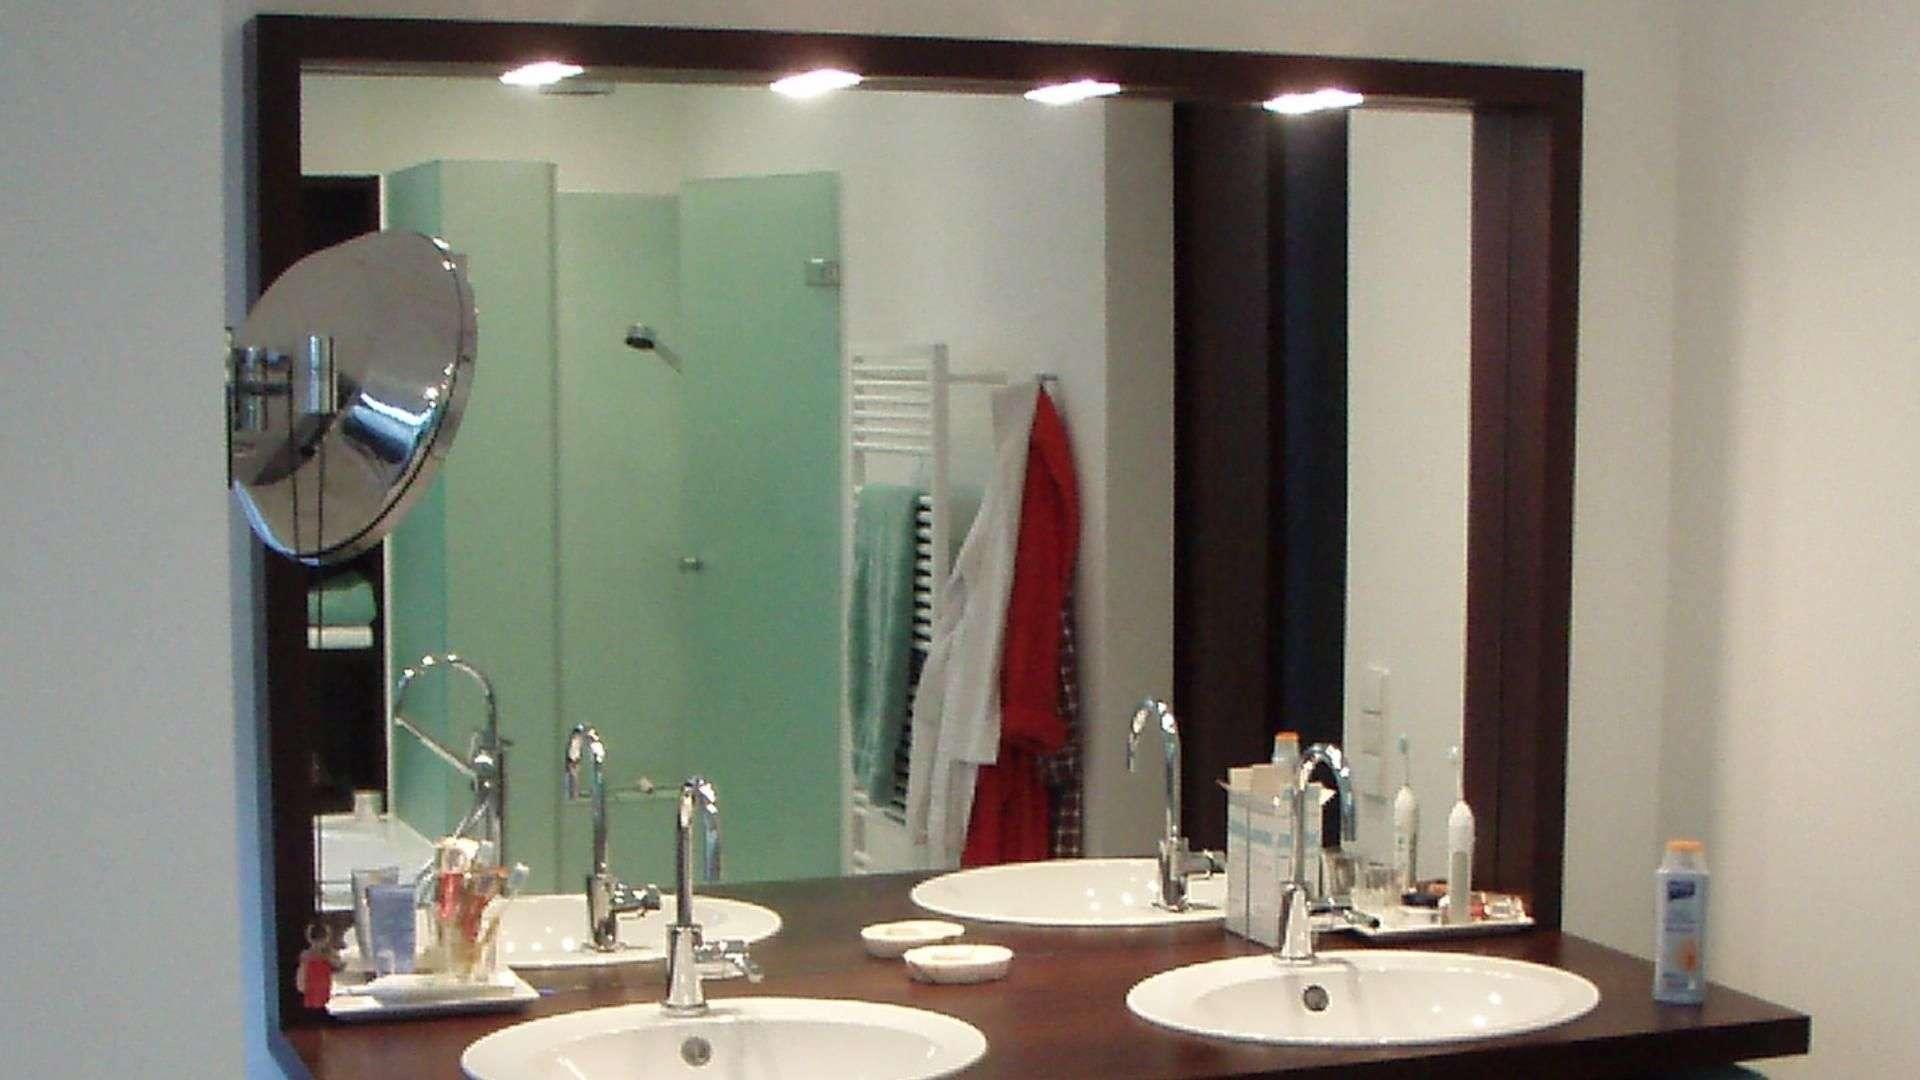 Beleuchtung über einem Spiegel im Badezimmer